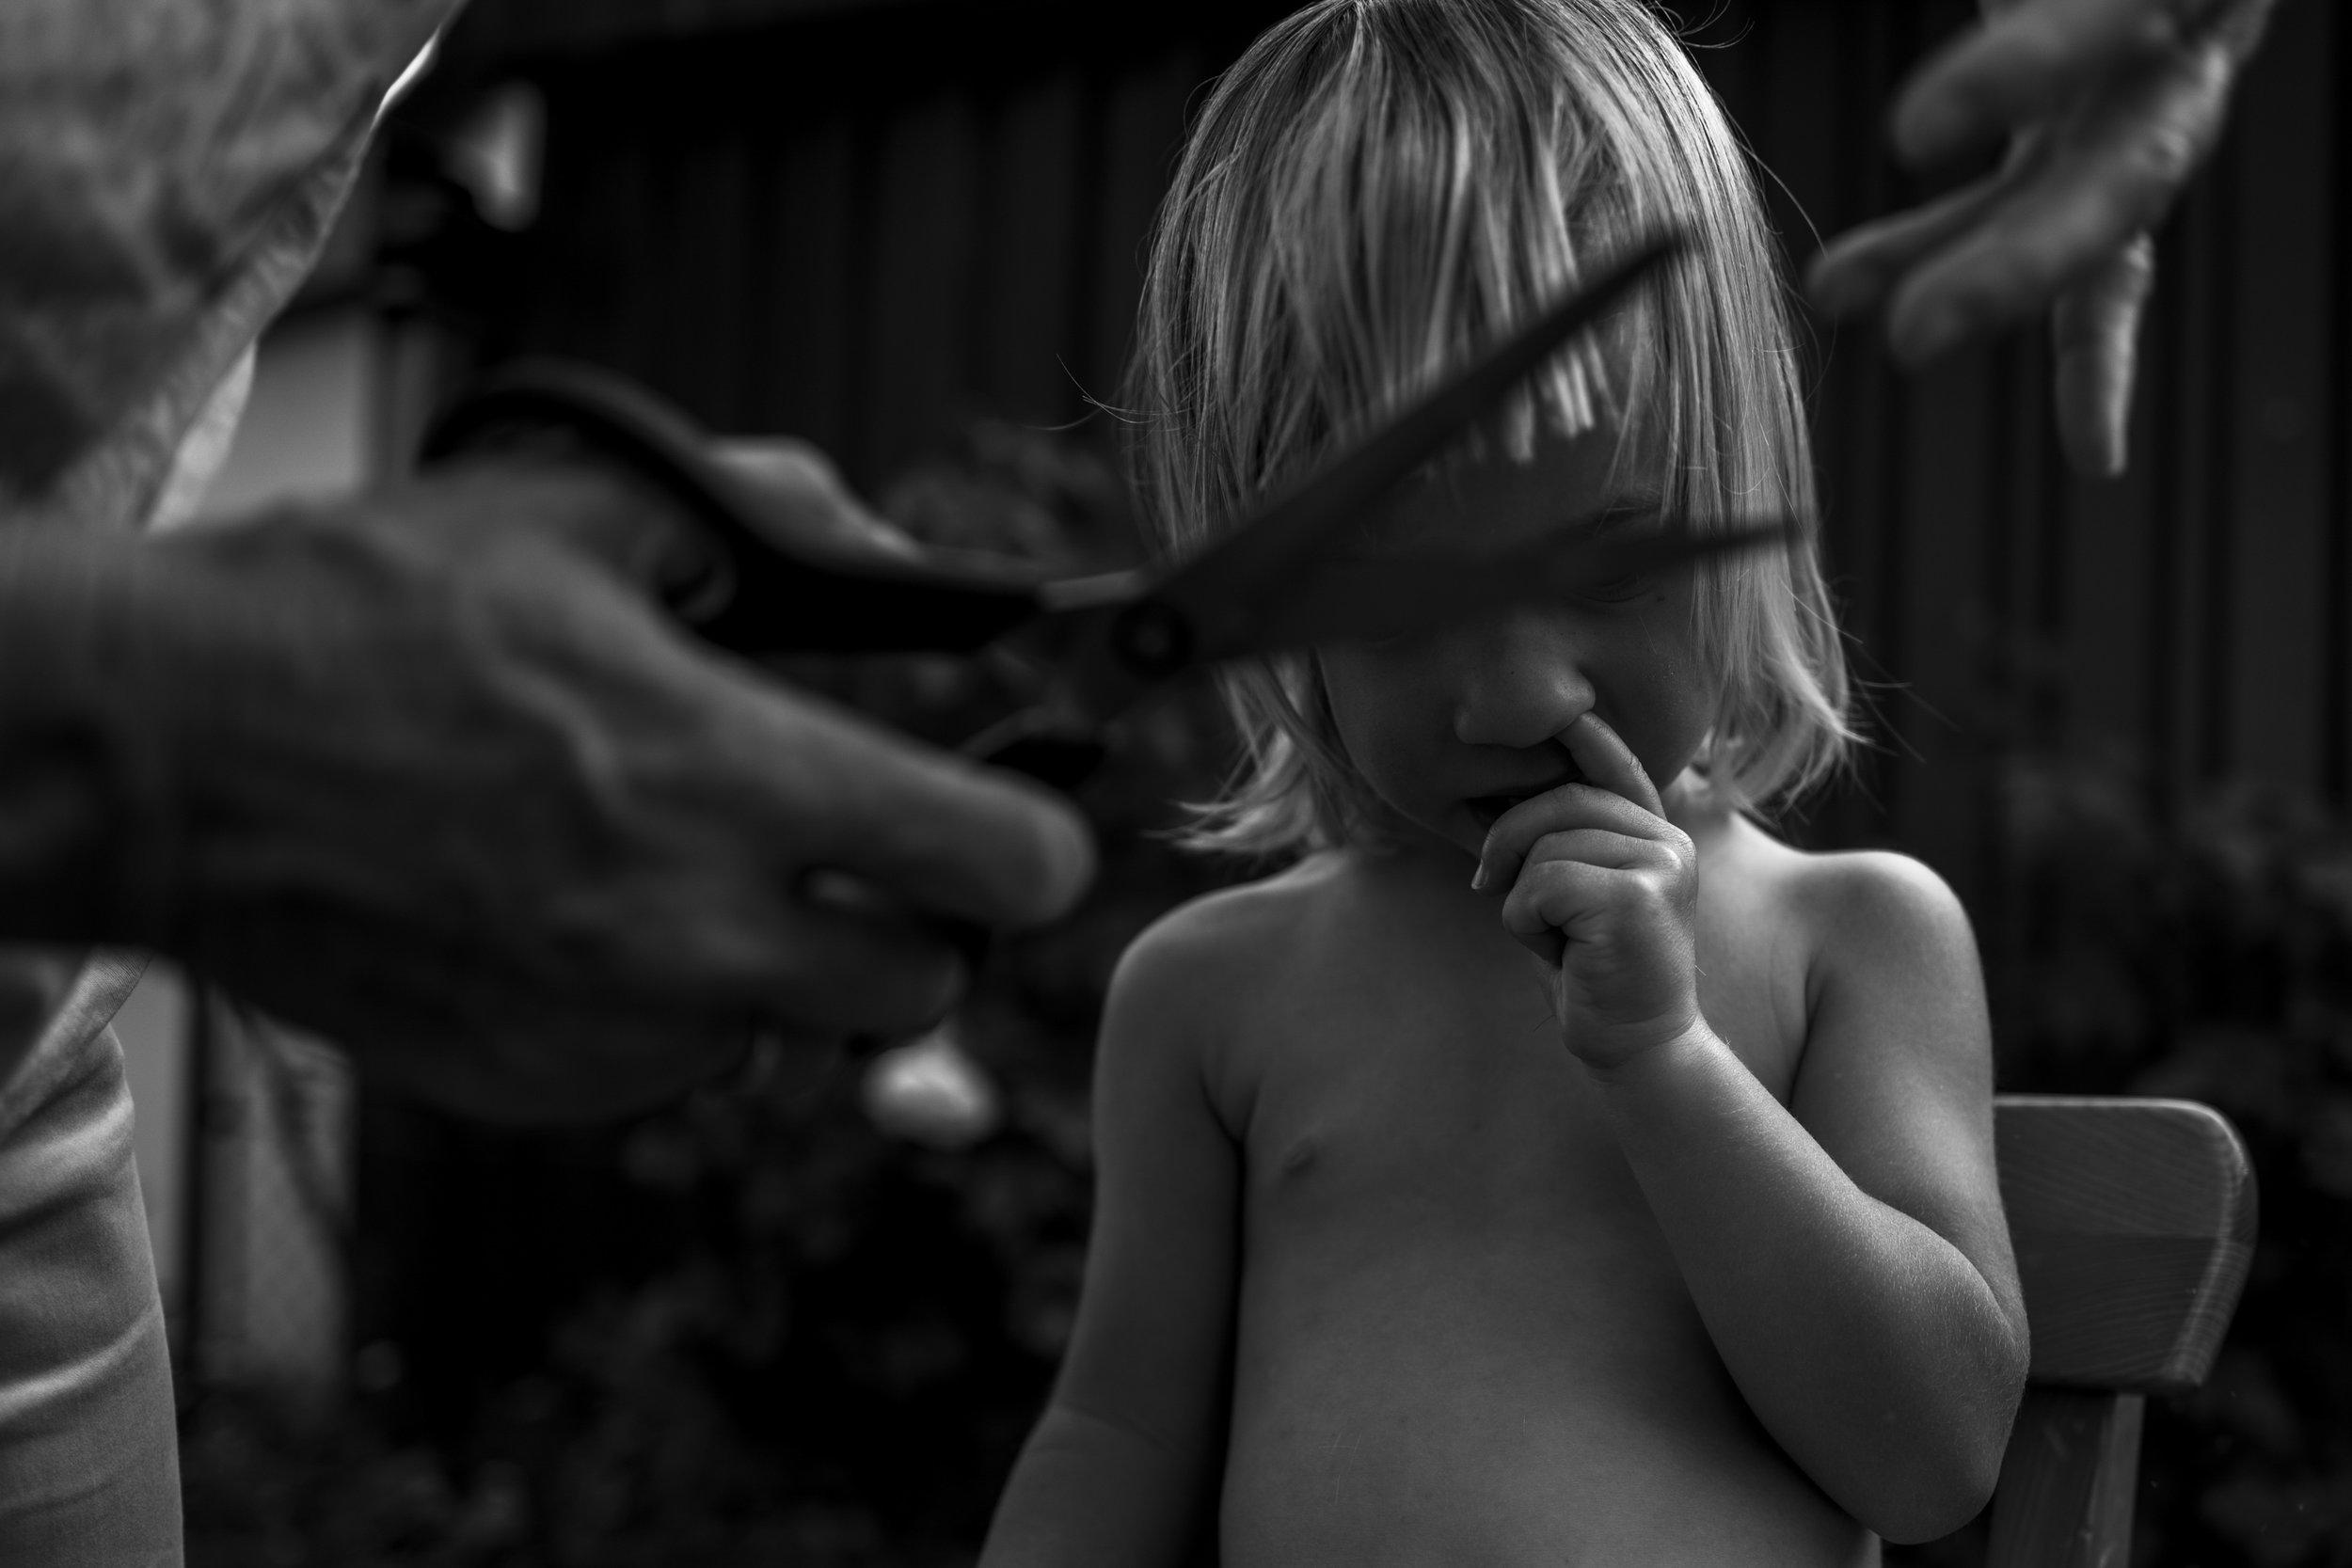 Julia Erz, Familienfotografin, zeigt ihre besten Familienfotos aus 2017